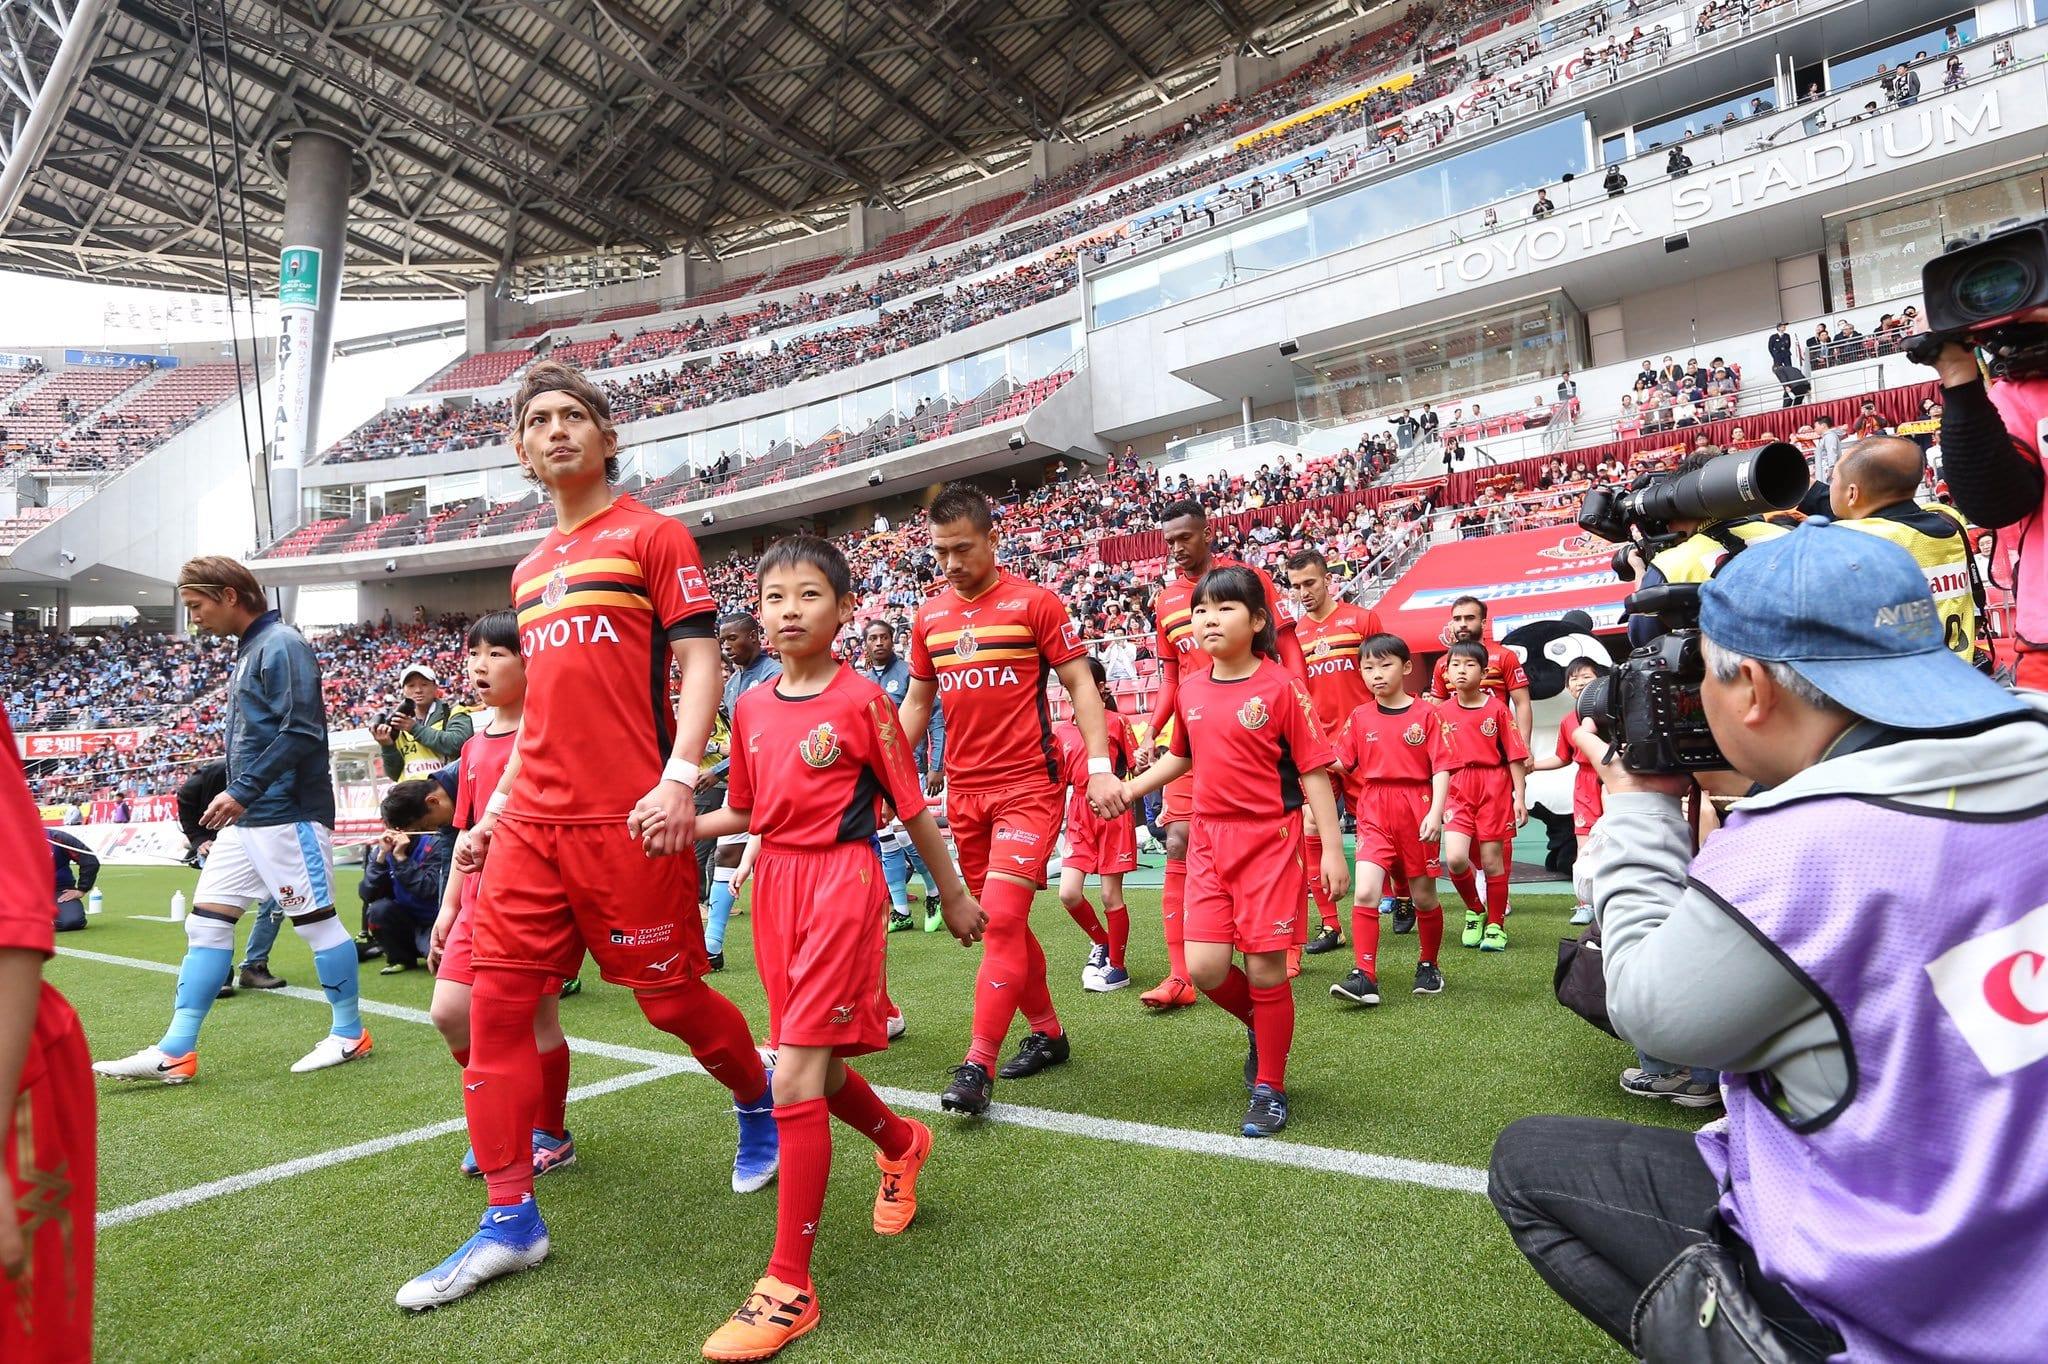 Urawa Reds e Nagoya Grampus duelam neste domingo (3) em jogo válido pelo Campeonato Japonês.